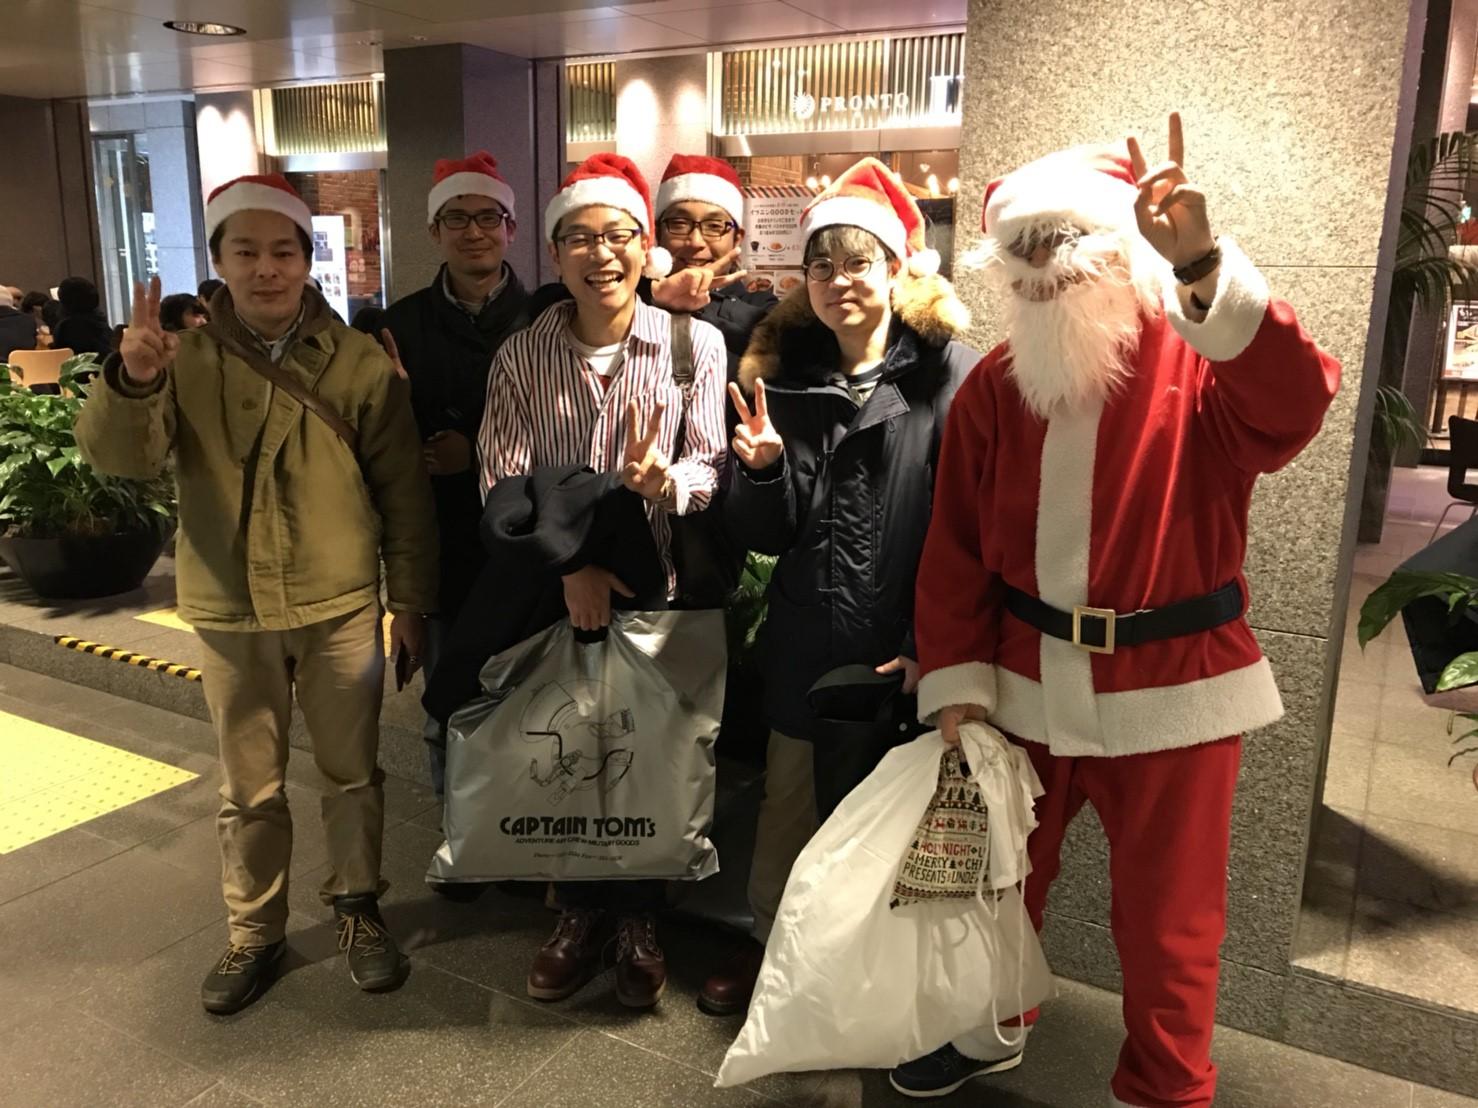 札幌のサンタクロース仲間に出会えてよかった!